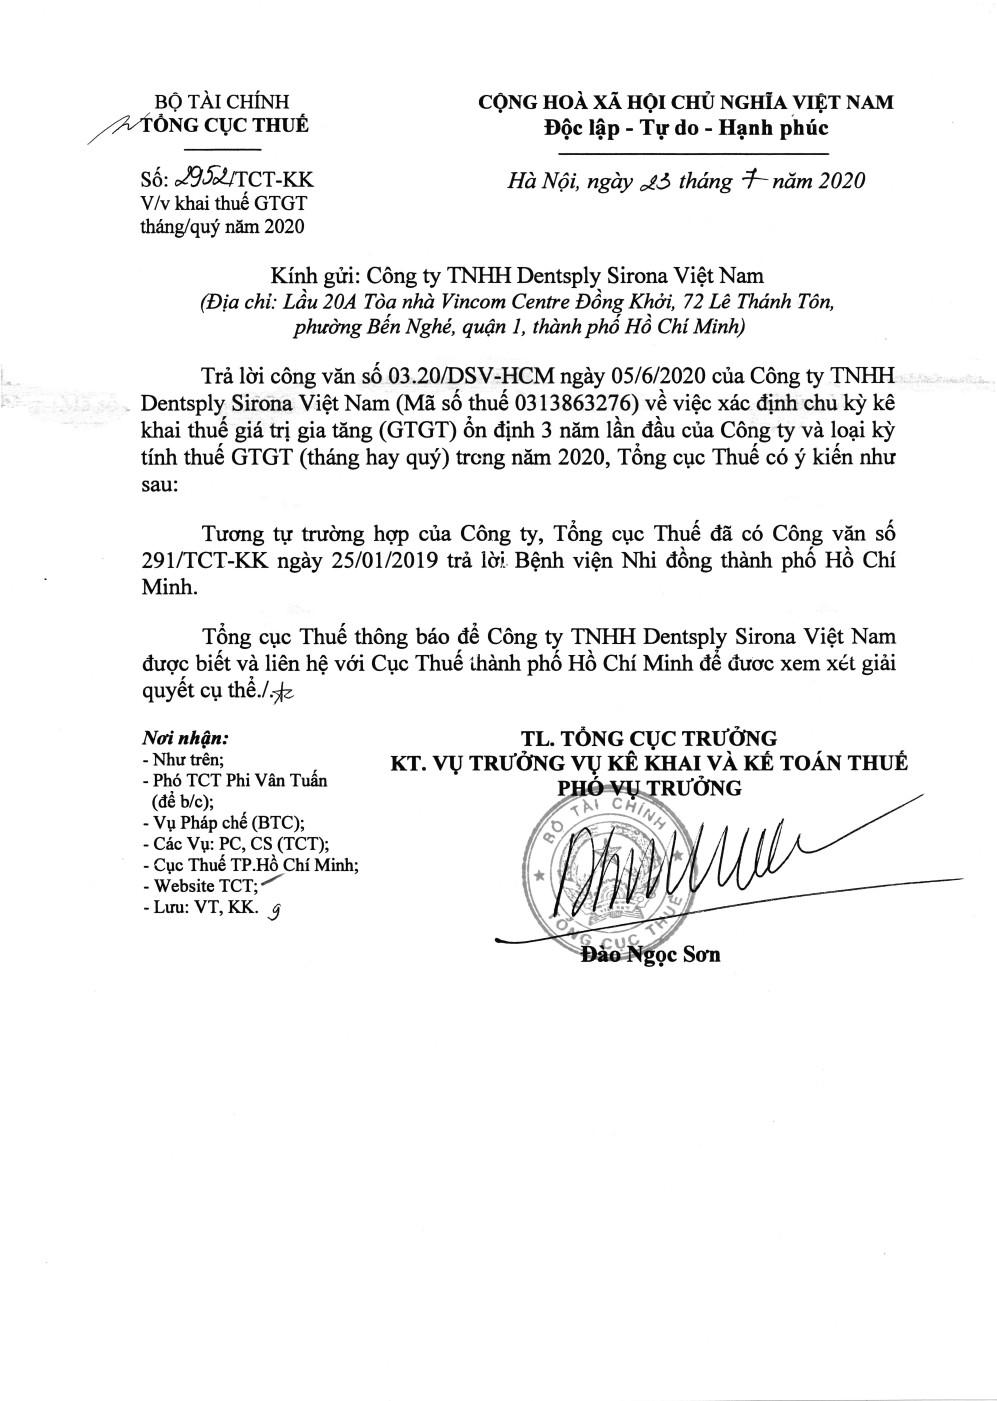 Công văn số 2952/TCT-KK của Tổng cục Thuế ngày 23/07/2020 v/v khai thuế GTGT tháng/quý năm 2020